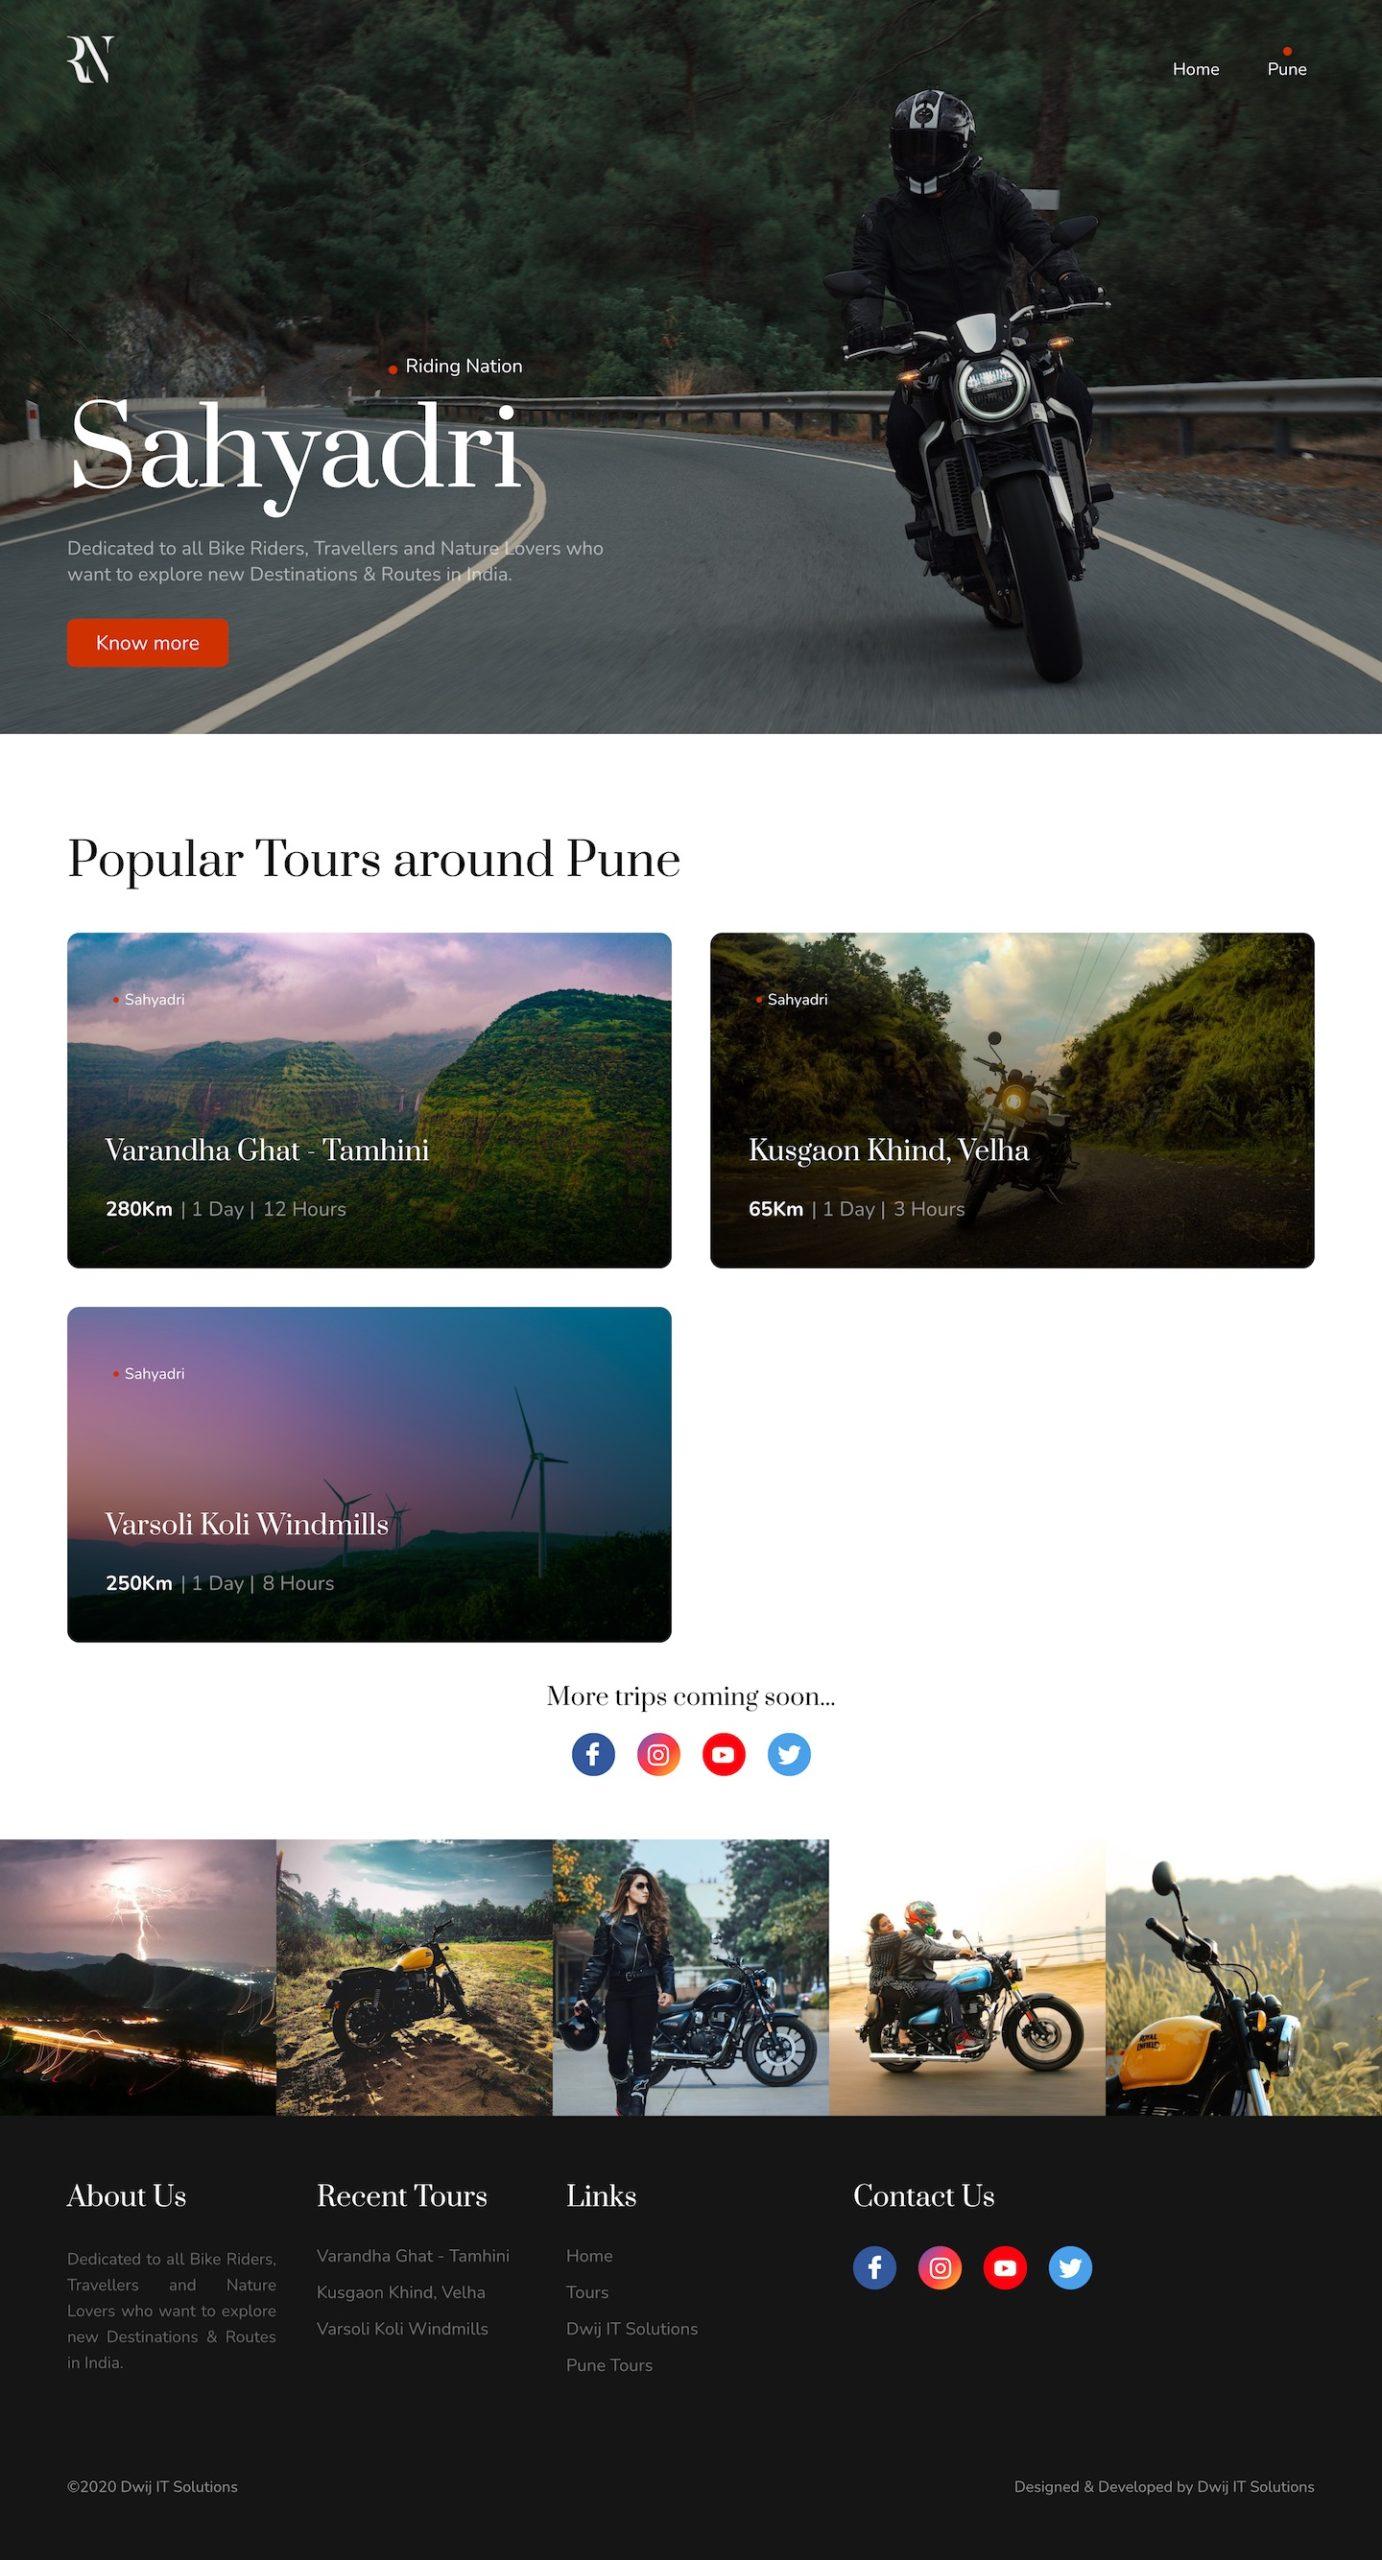 ridingnation.in-custom-travel-blog-in-laravel-home